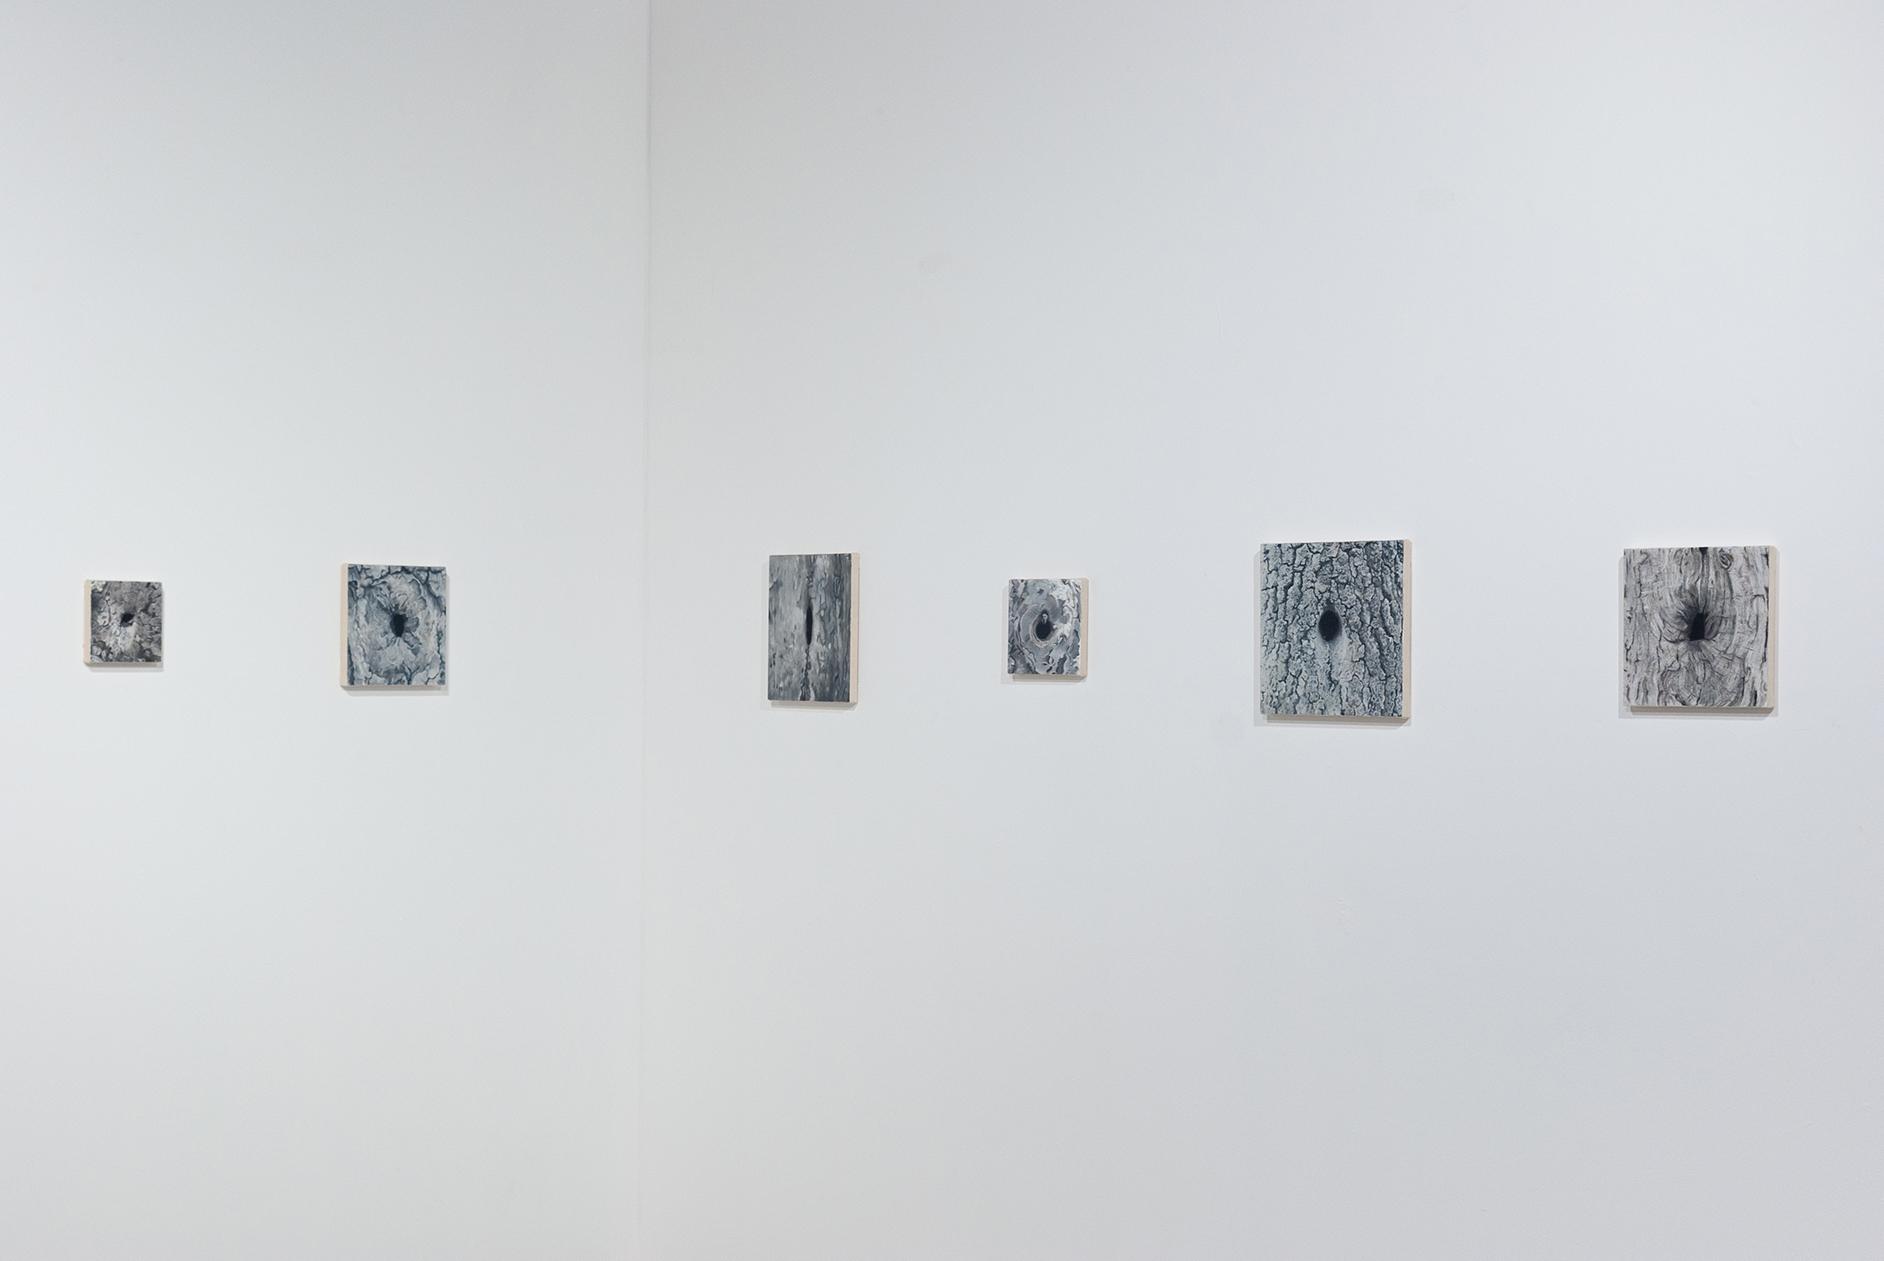 0 Małgorzata Pawlak, Dziuple, widok wyst. Powiększenie, Galeria Labirynt Lublin, 2020 2